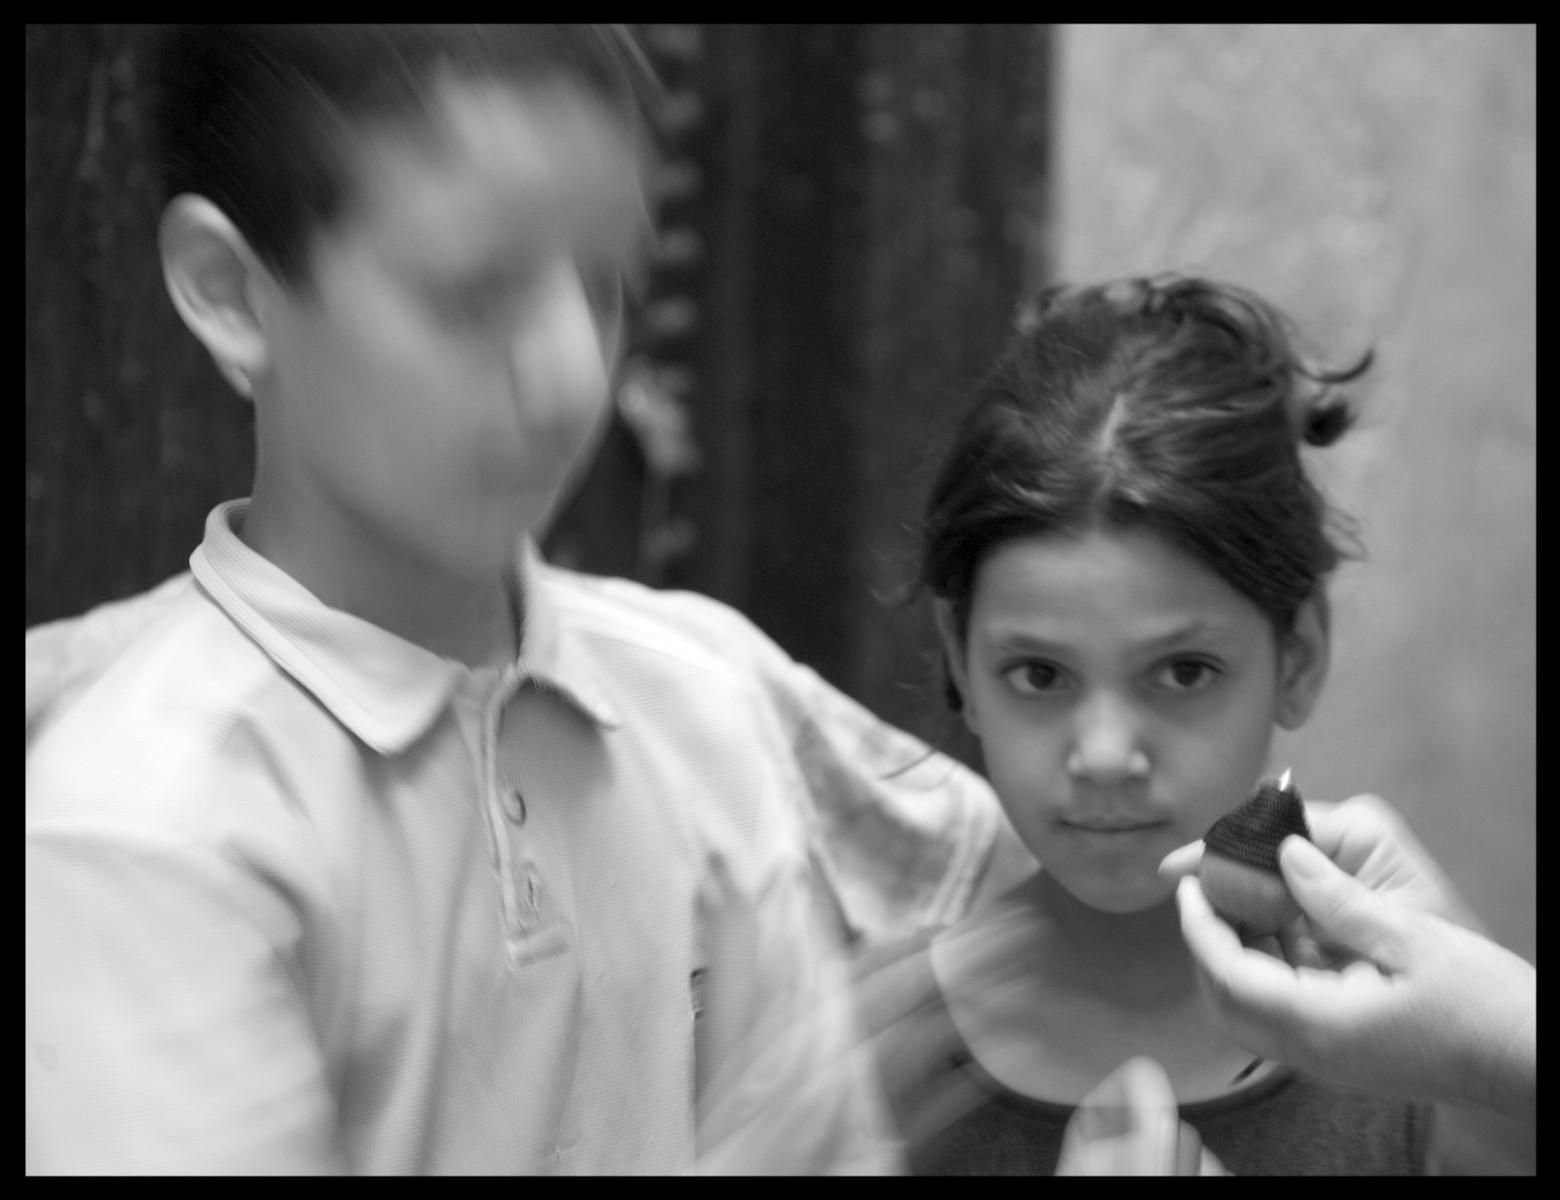 94816_DSC0126-children-play-bw Storie di Luce